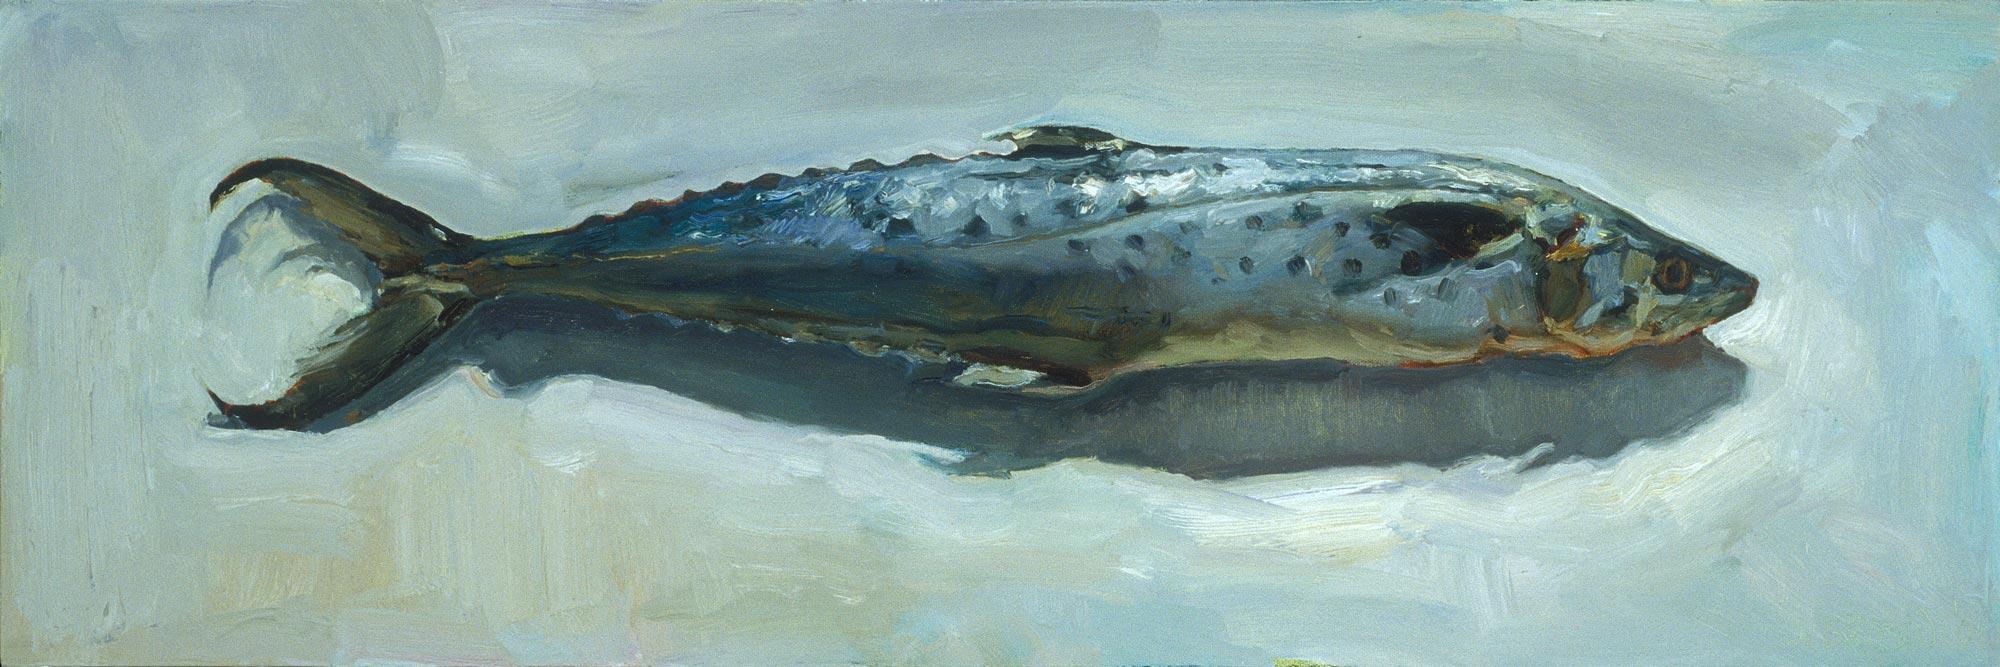 Mackerel, 12 x 36, oil on canvas, 2004